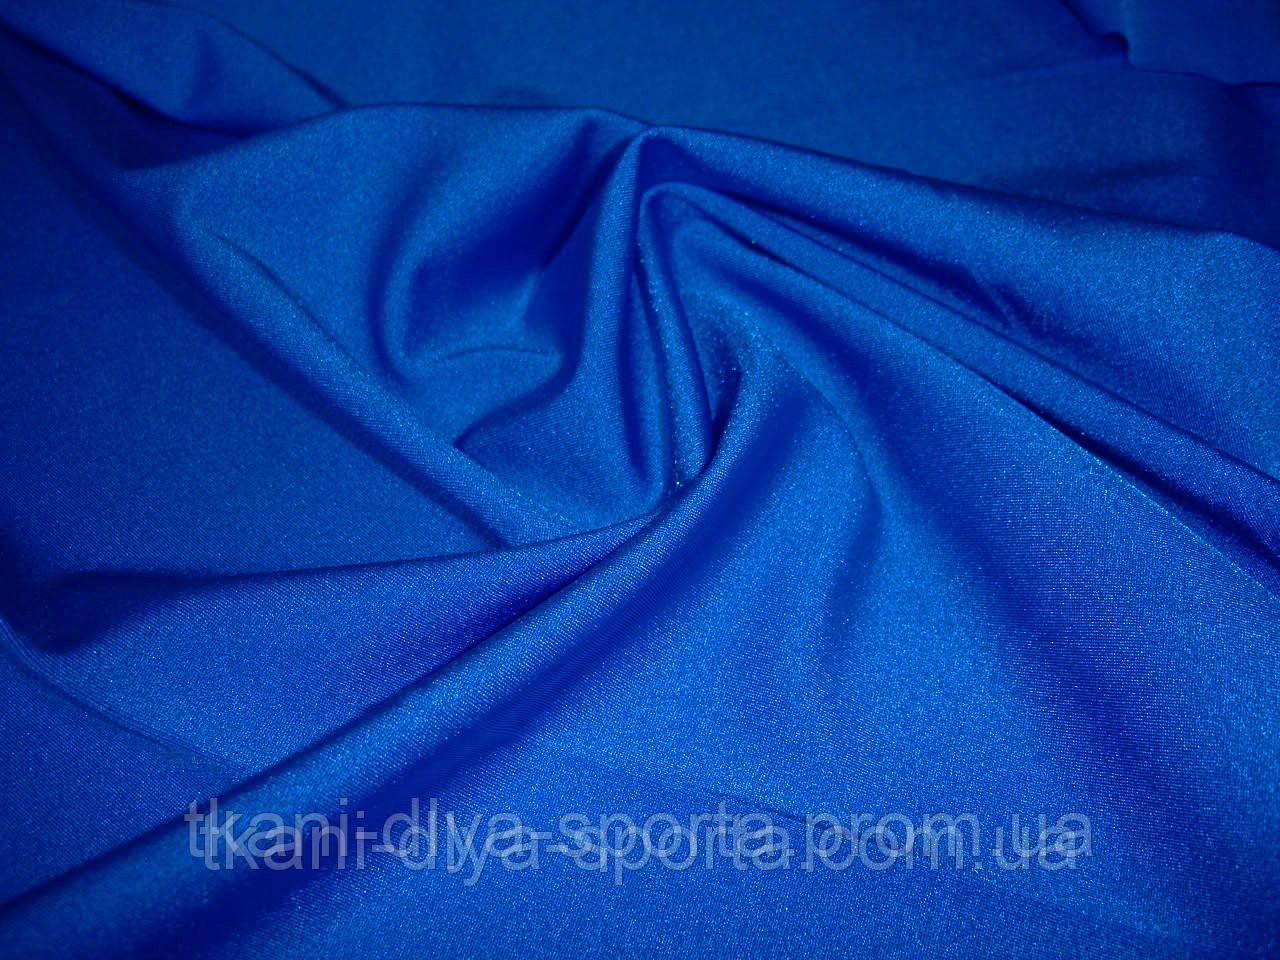 Бифлекс с нежным блеском ярко-синий